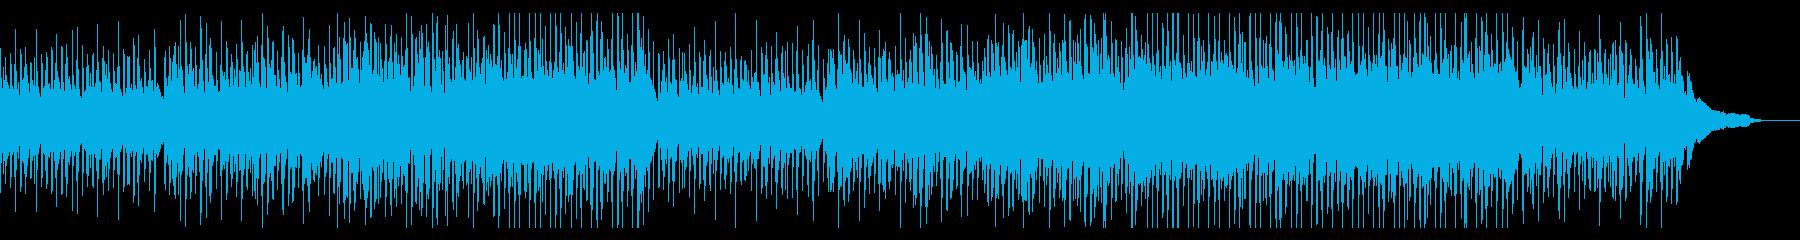 企業VP・穏やかなフォーク・静かな感動の再生済みの波形